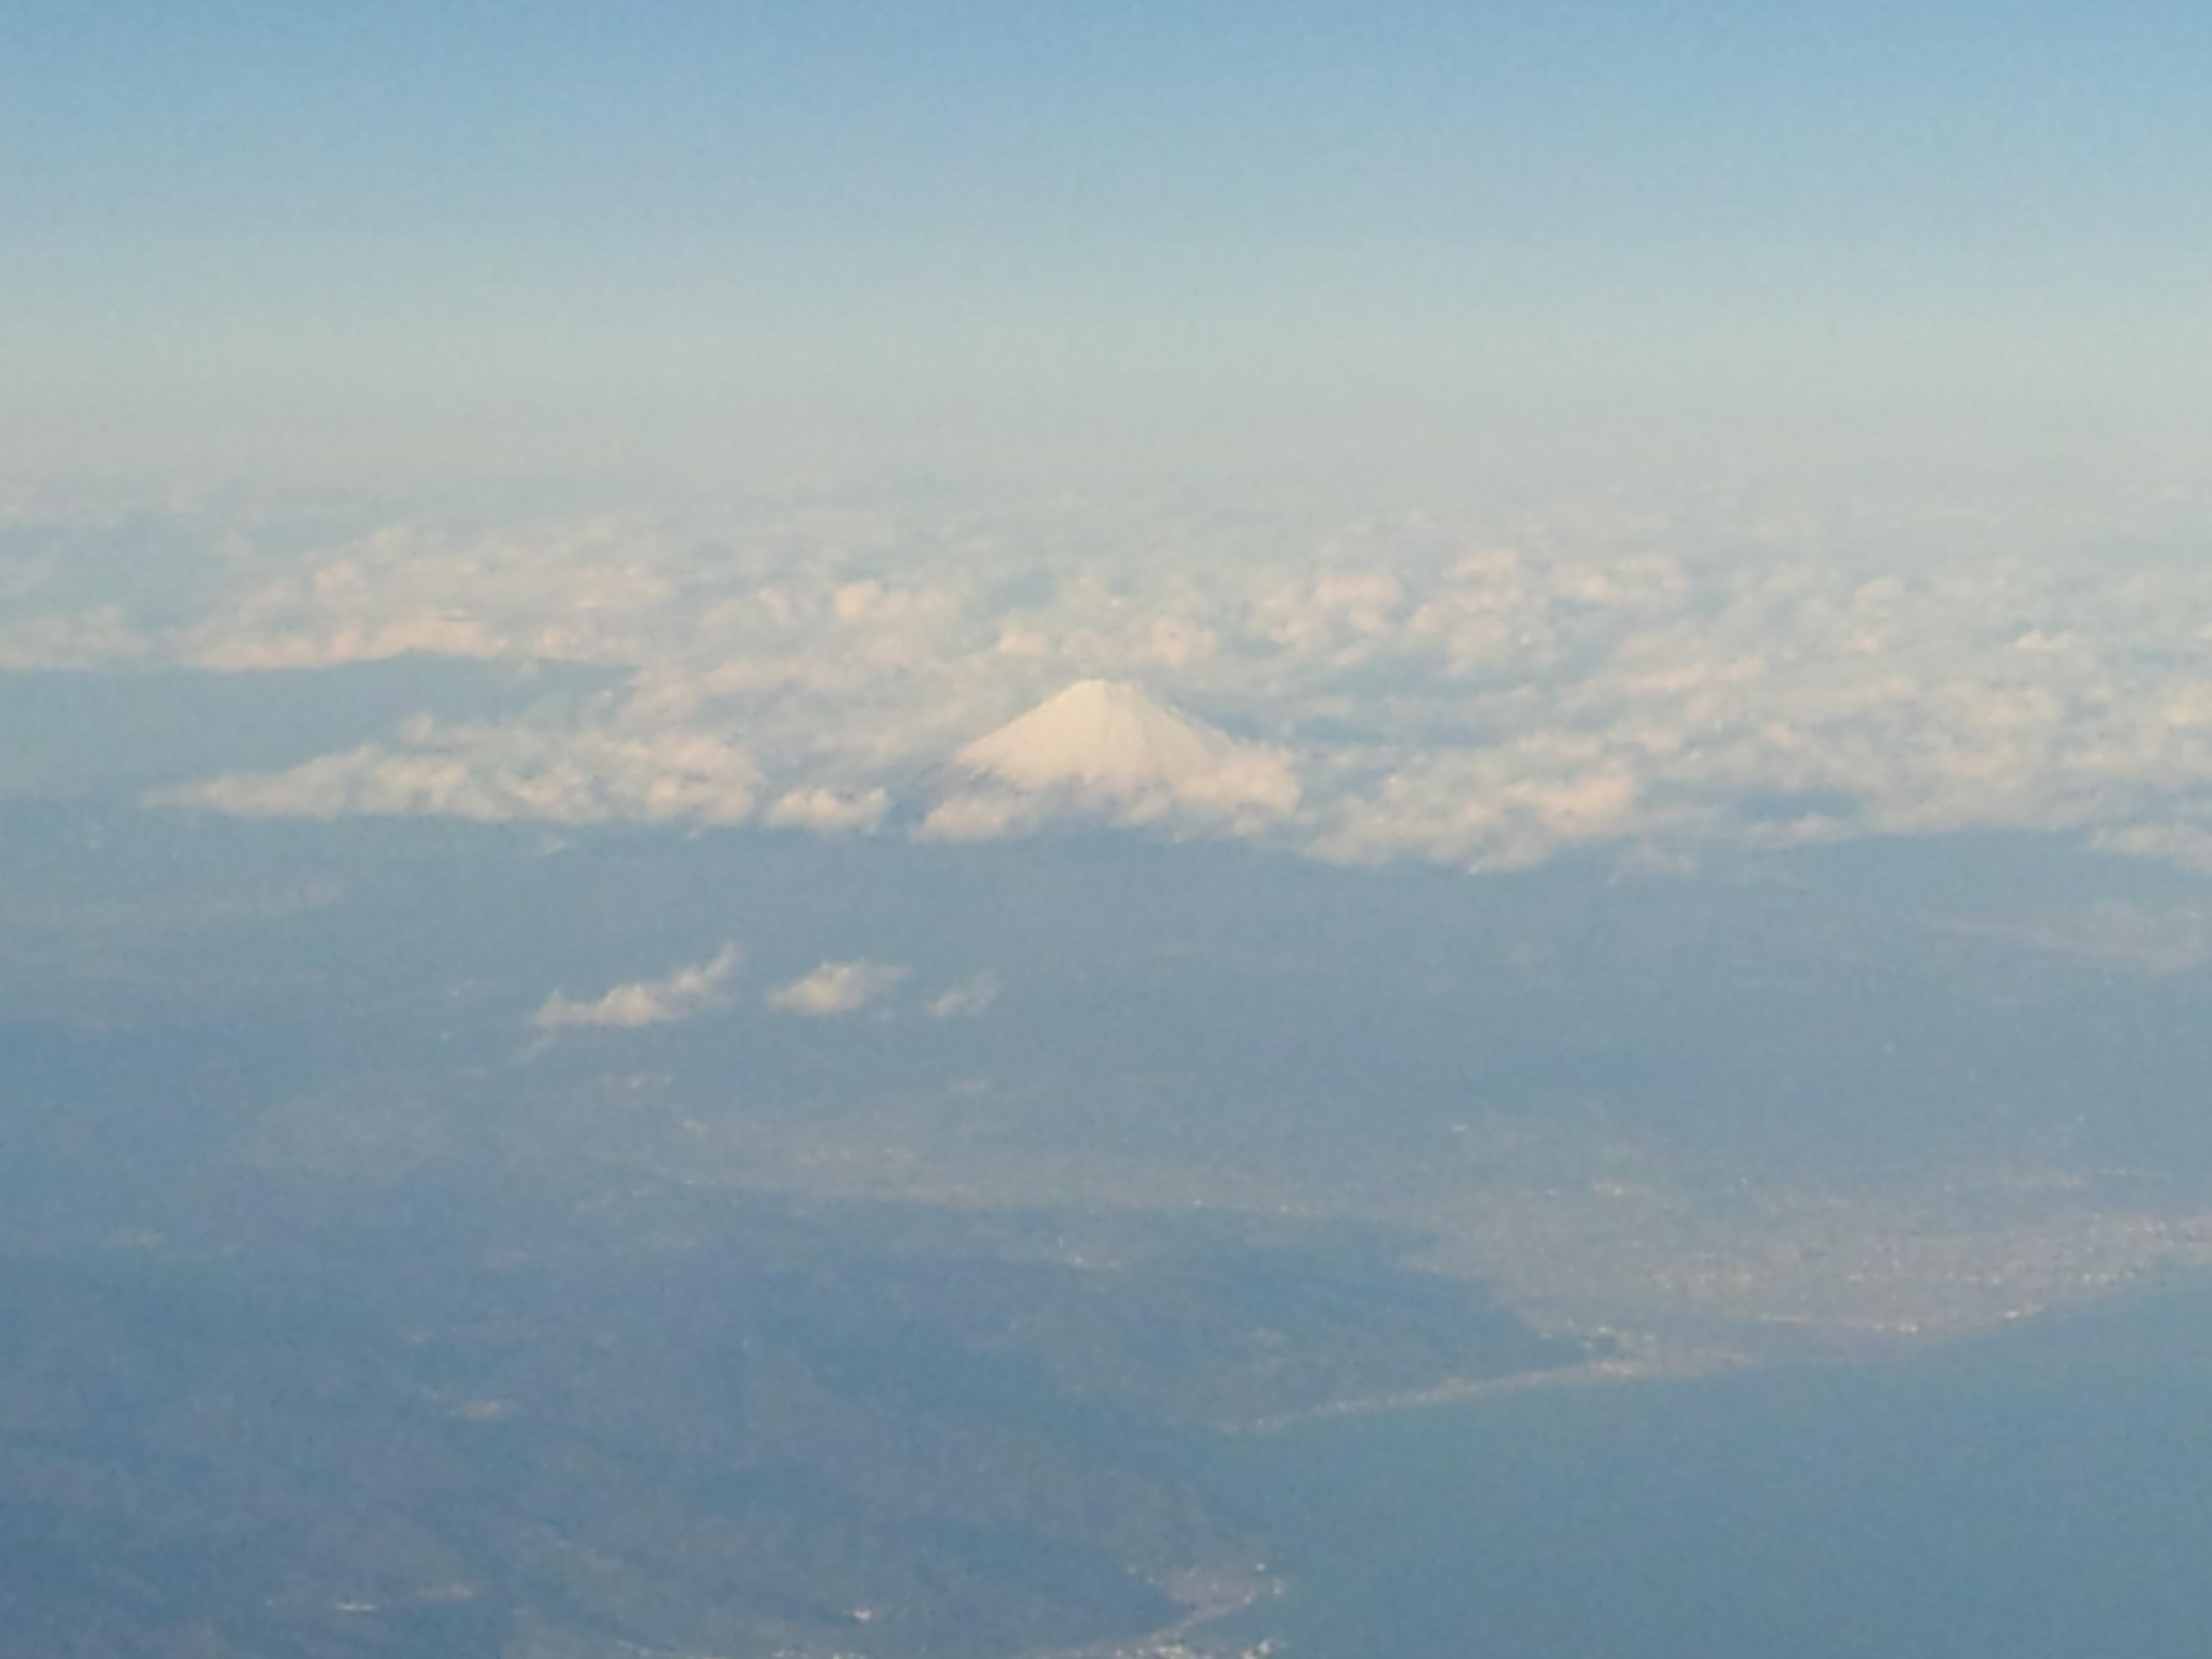 2012-02-08_16.31.33.jpg